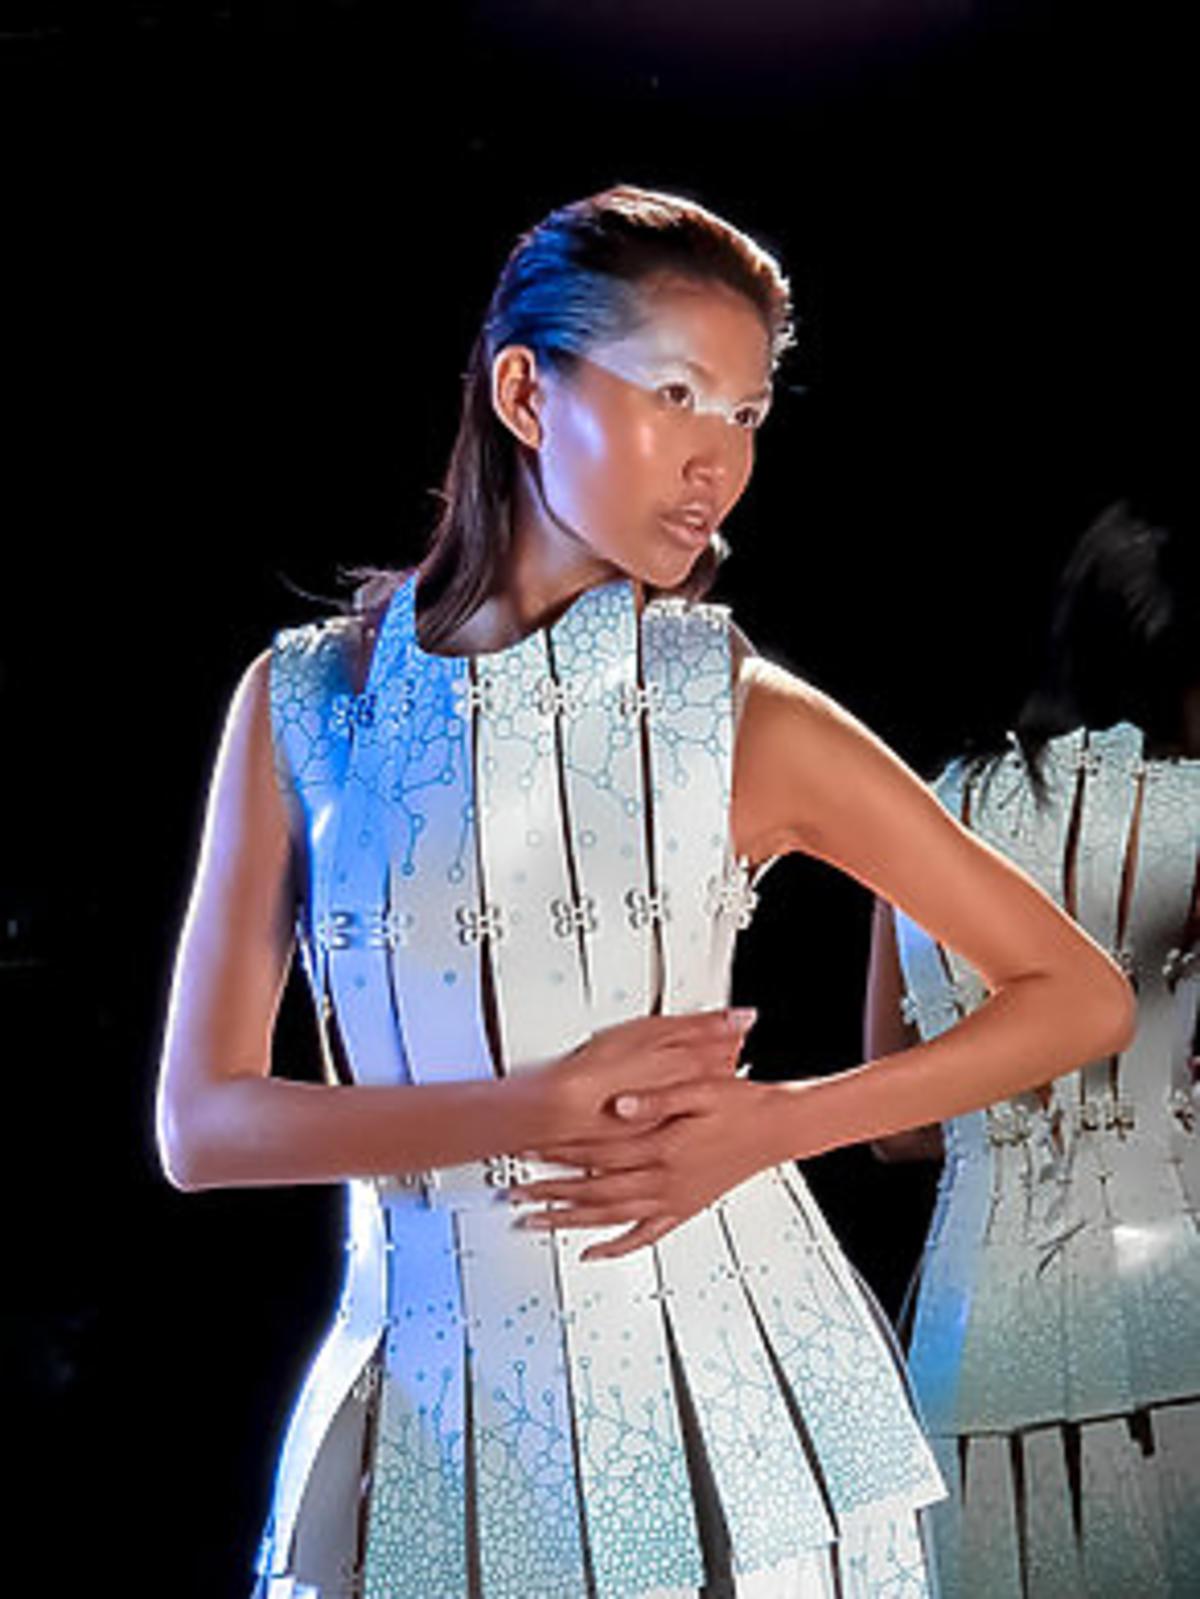 Francuska projektantka mody jako pierwsza stworzyła kolekcję ubrań przy pomocy… smartfona!